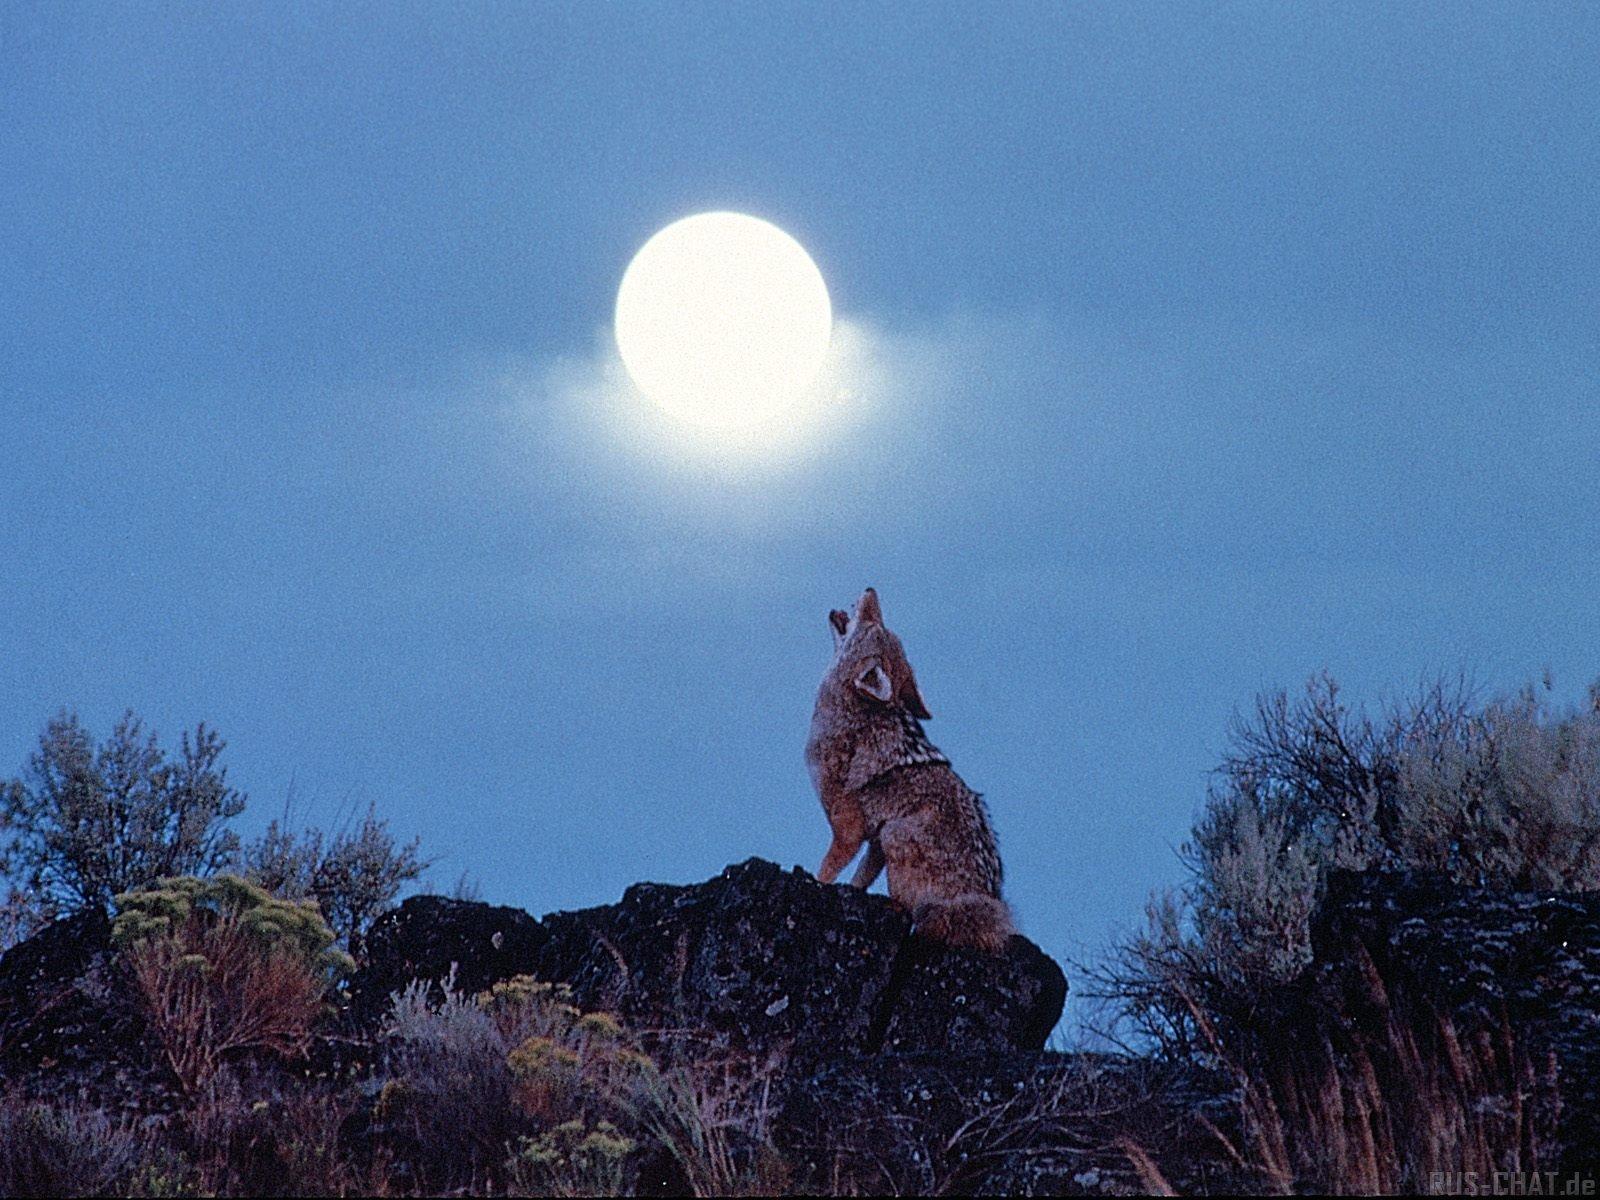 10482 Hintergrundbild herunterladen Tiere, Wölfe, Mond - Bildschirmschoner und Bilder kostenlos